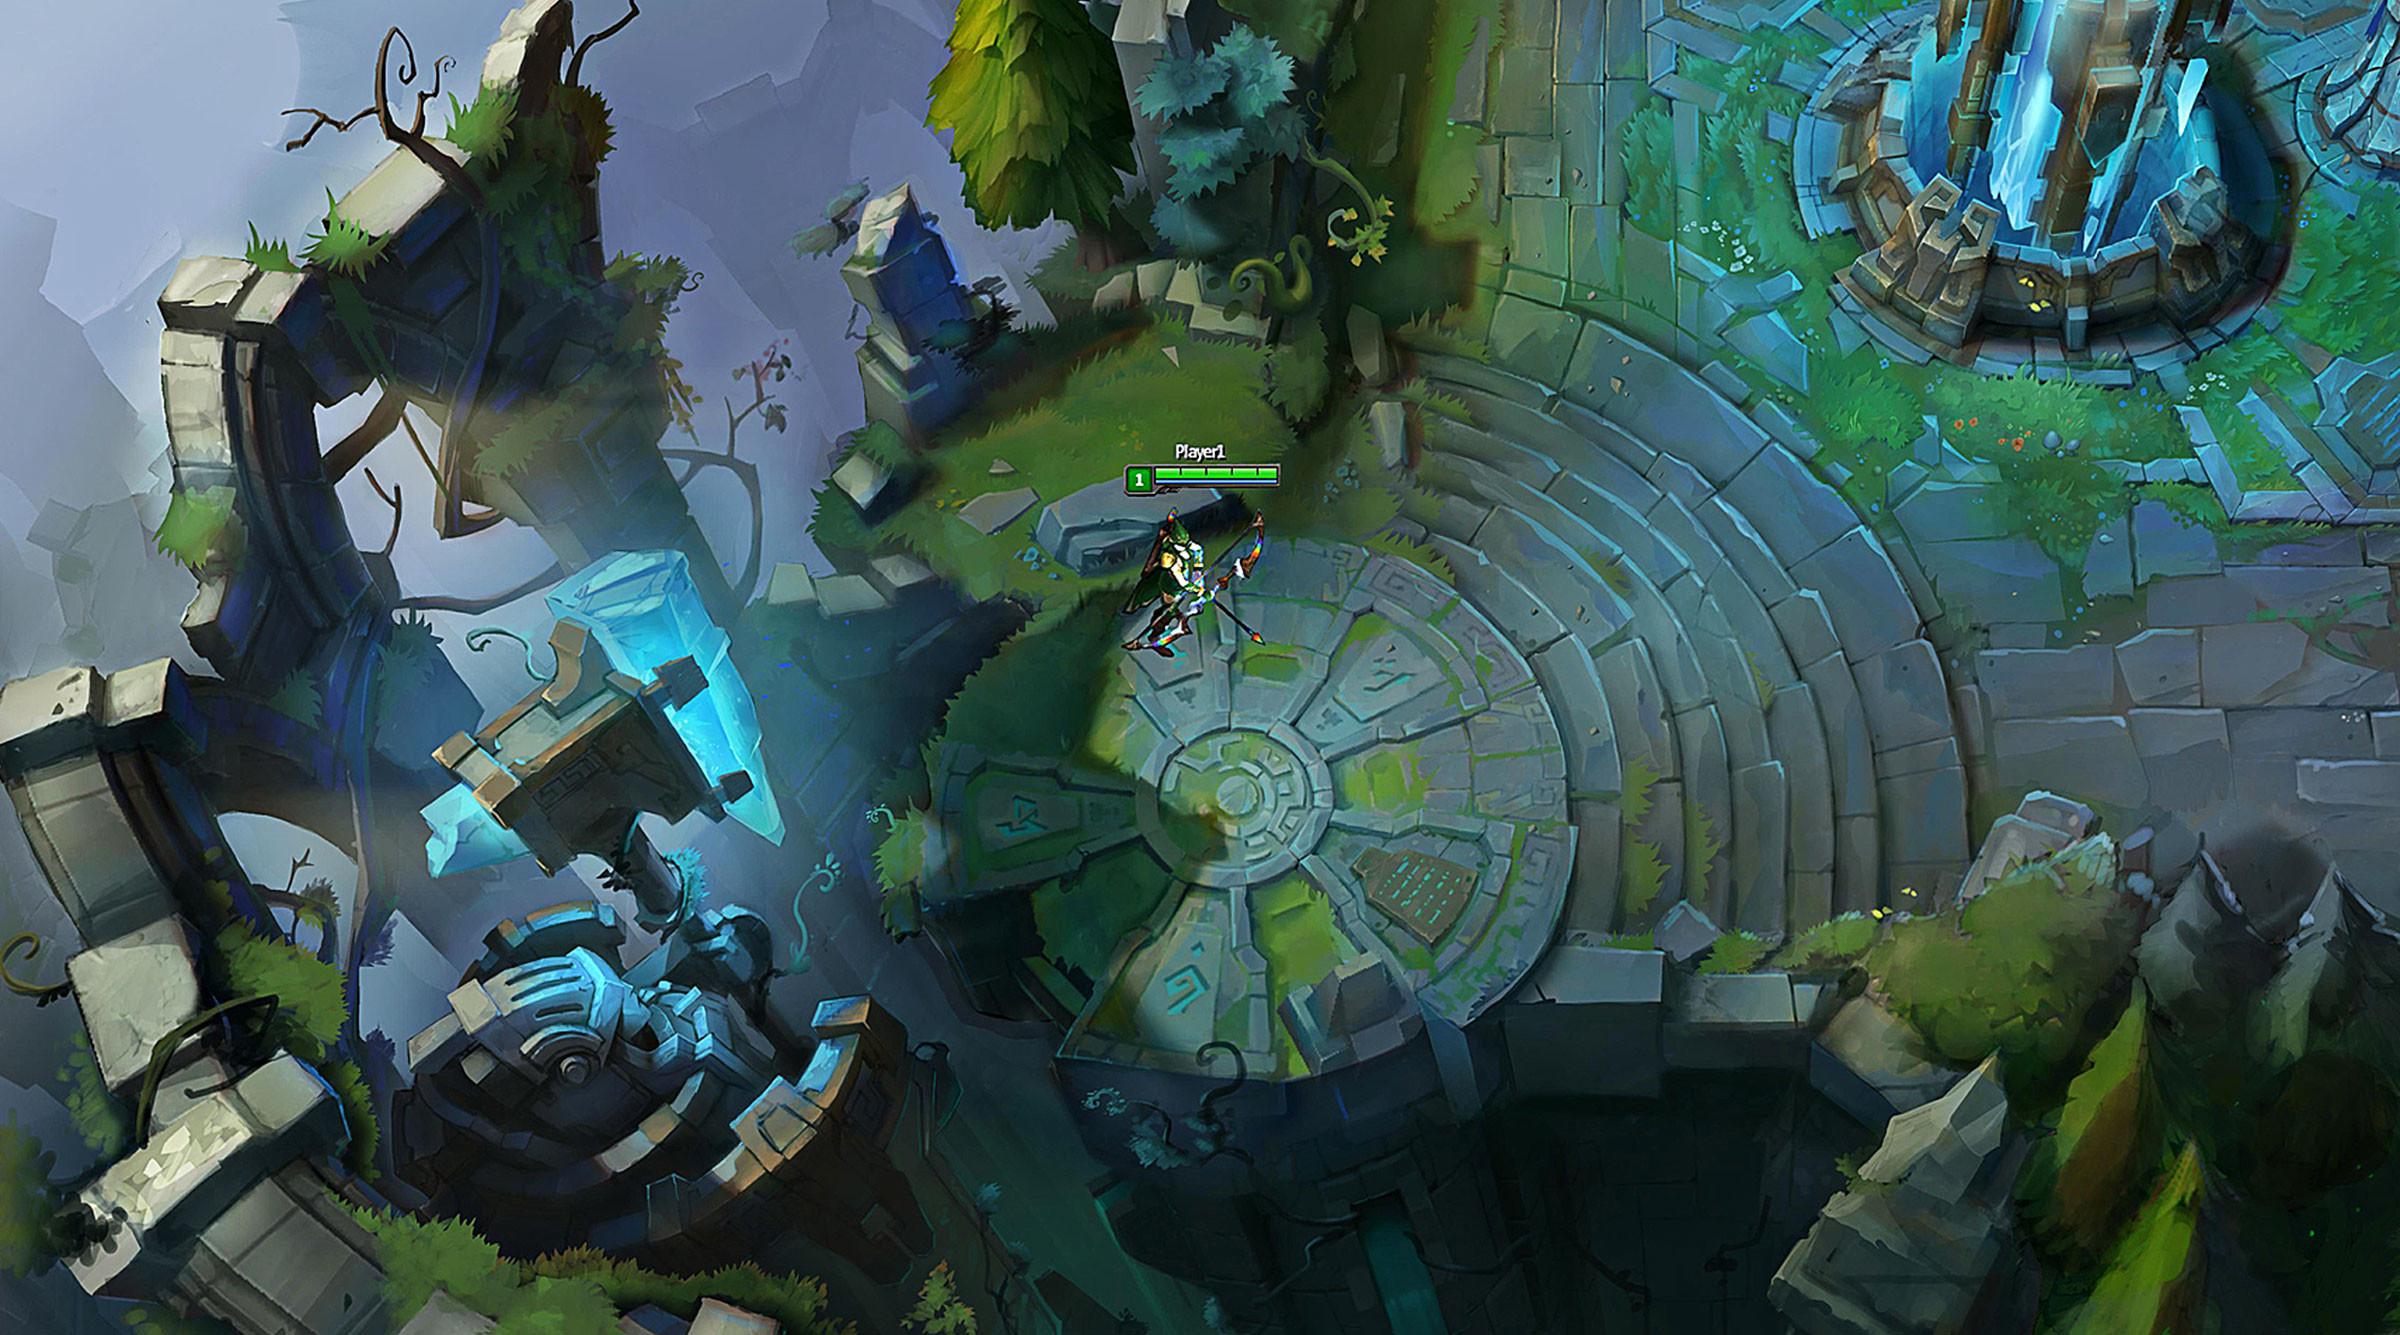 Summoners Rift Blue Base Concept Art (5) League of Legends Artwork Wallpaper  lol